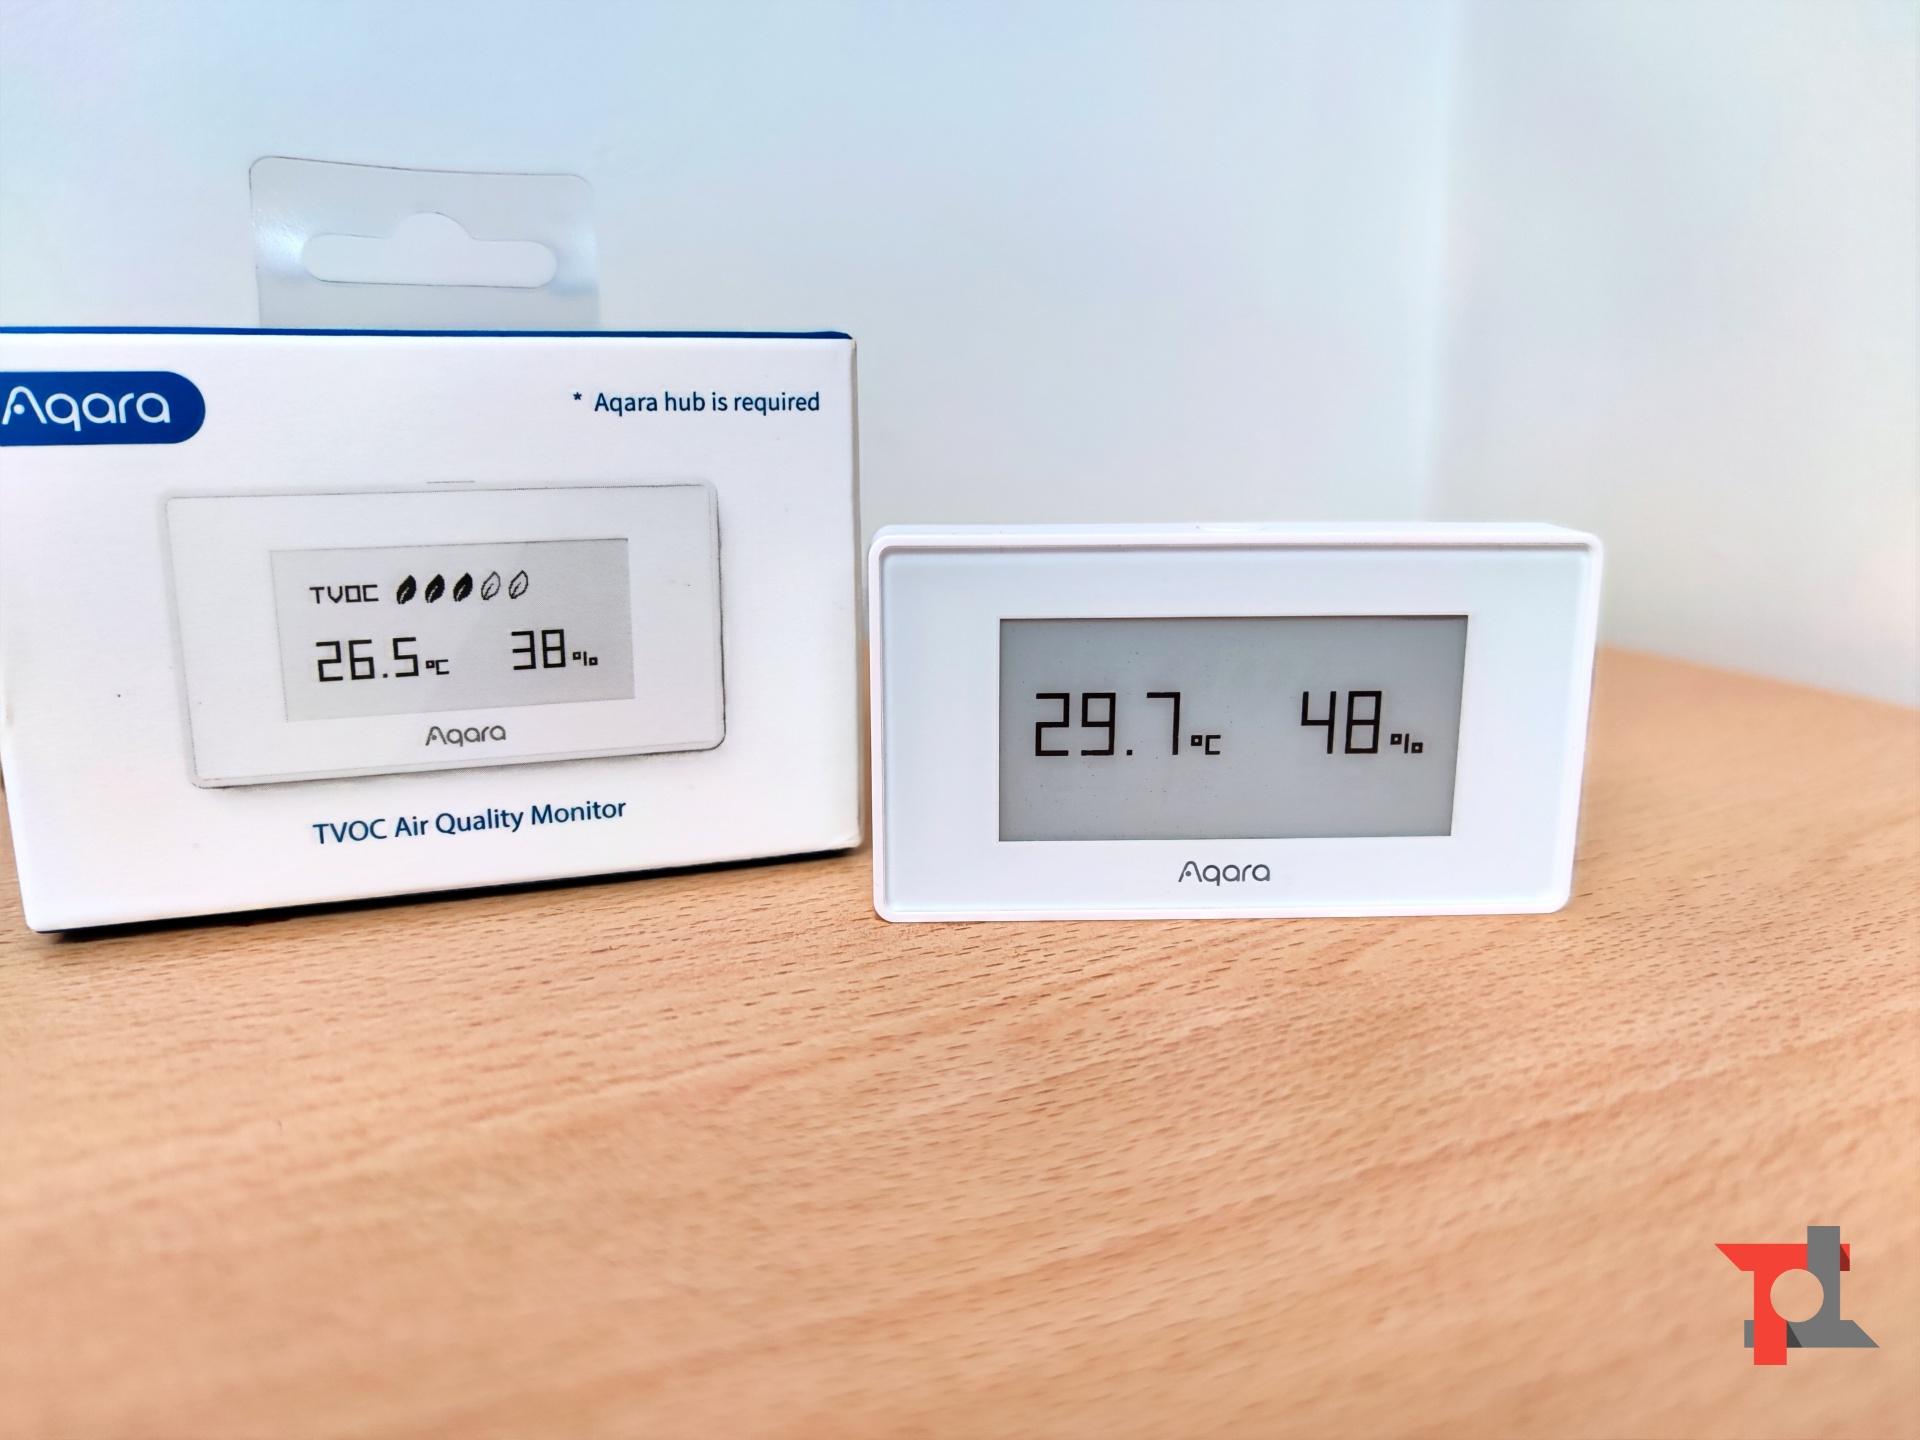 Recensione Aqara Camera Hub G2H e TVOC Air Quality Monitor, la smart home è ancora più semplice 10